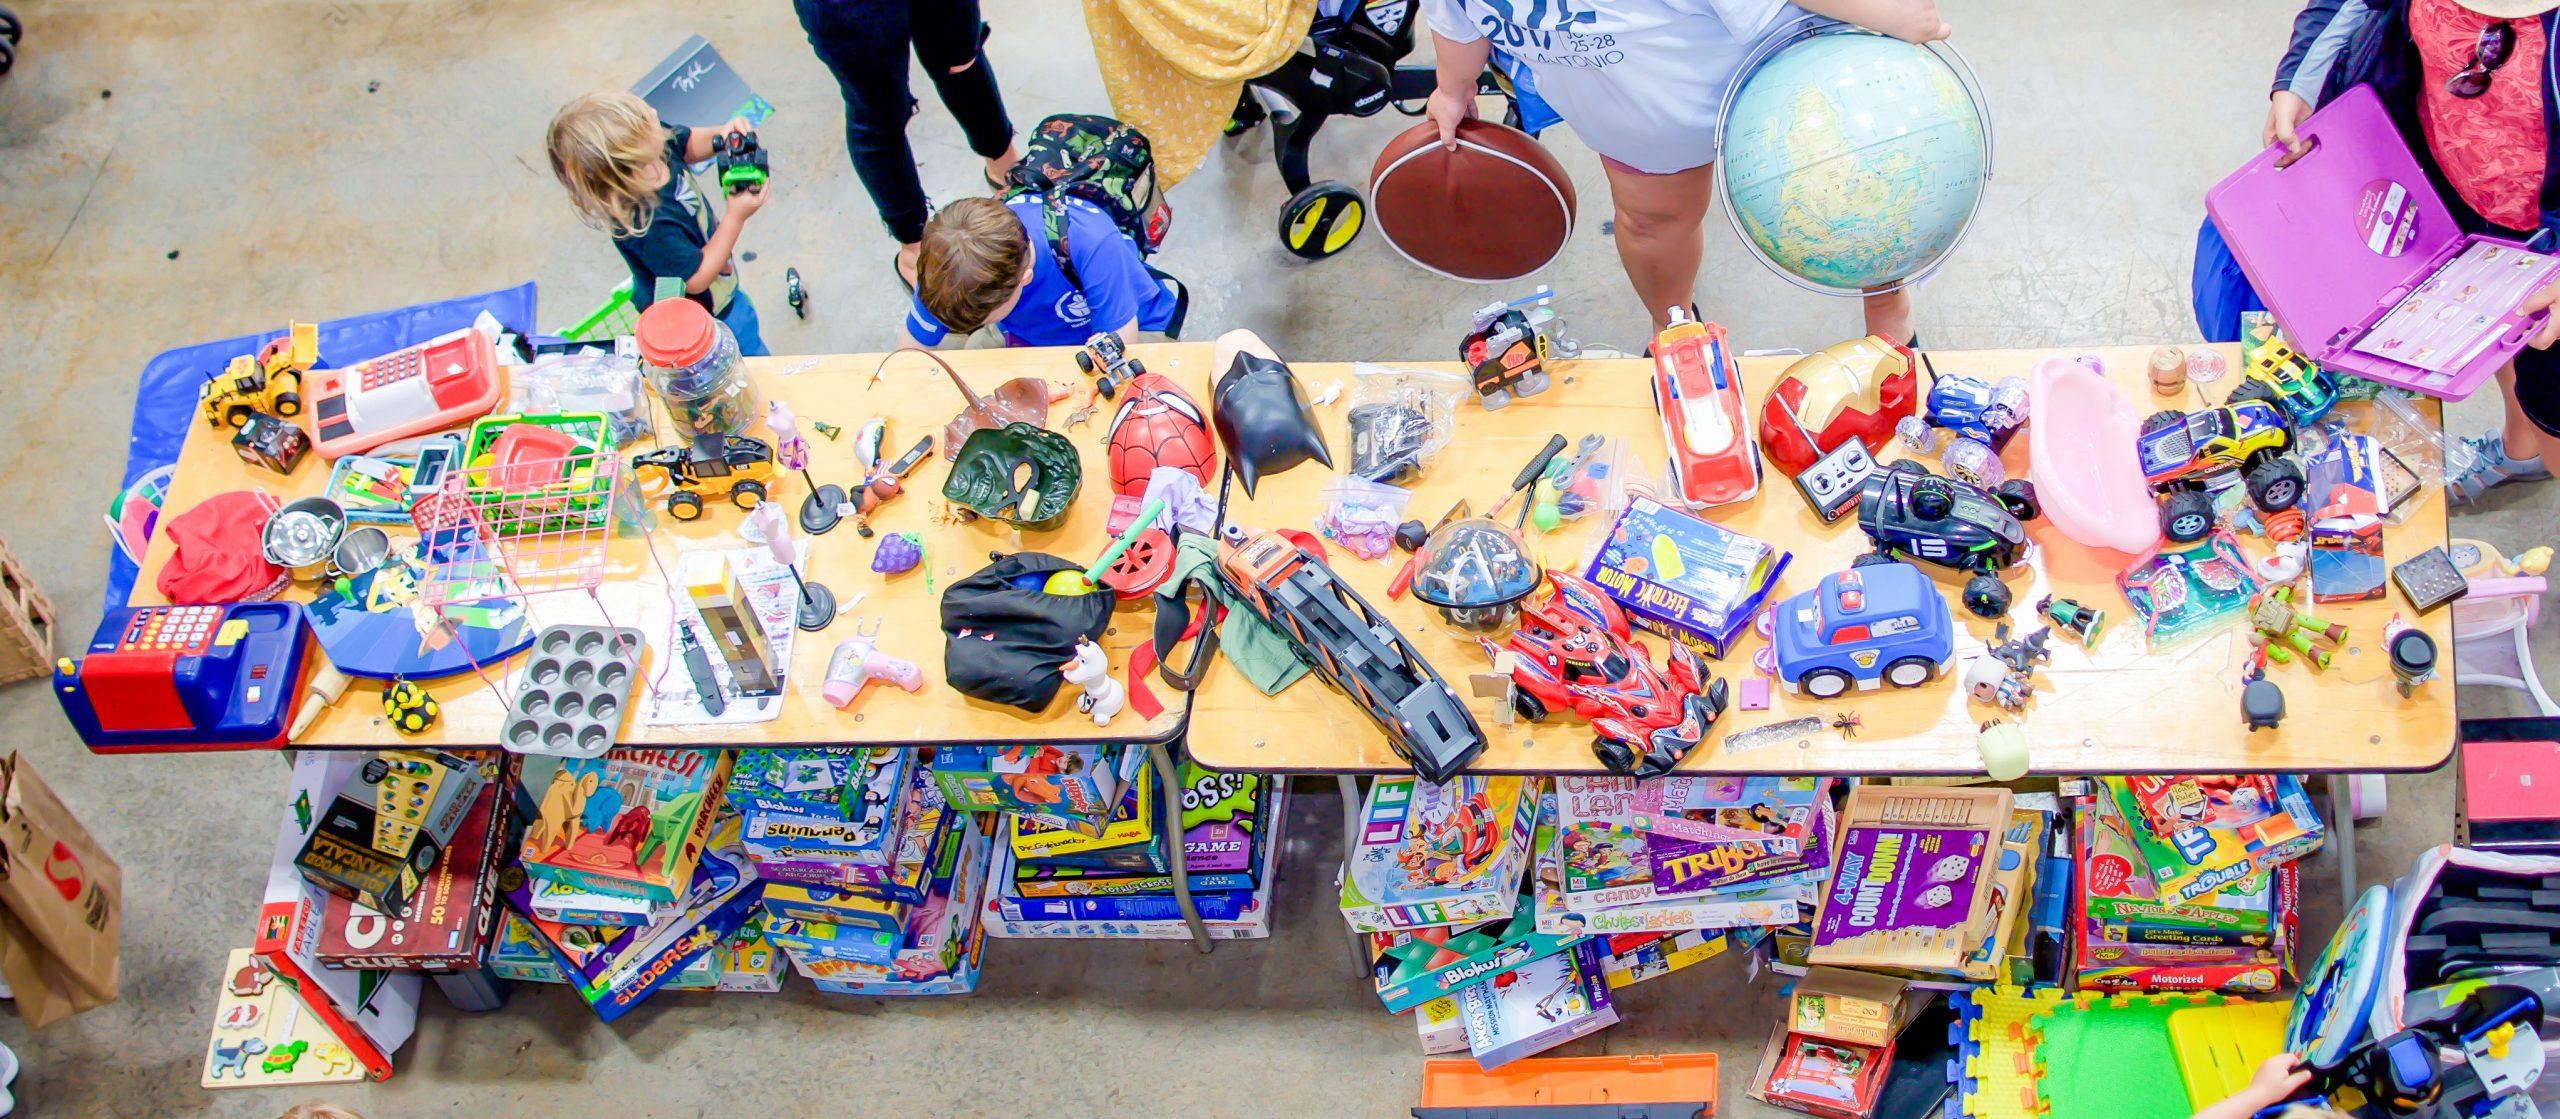 Seabury Hall Hosts Annual Rummage Sale June 5